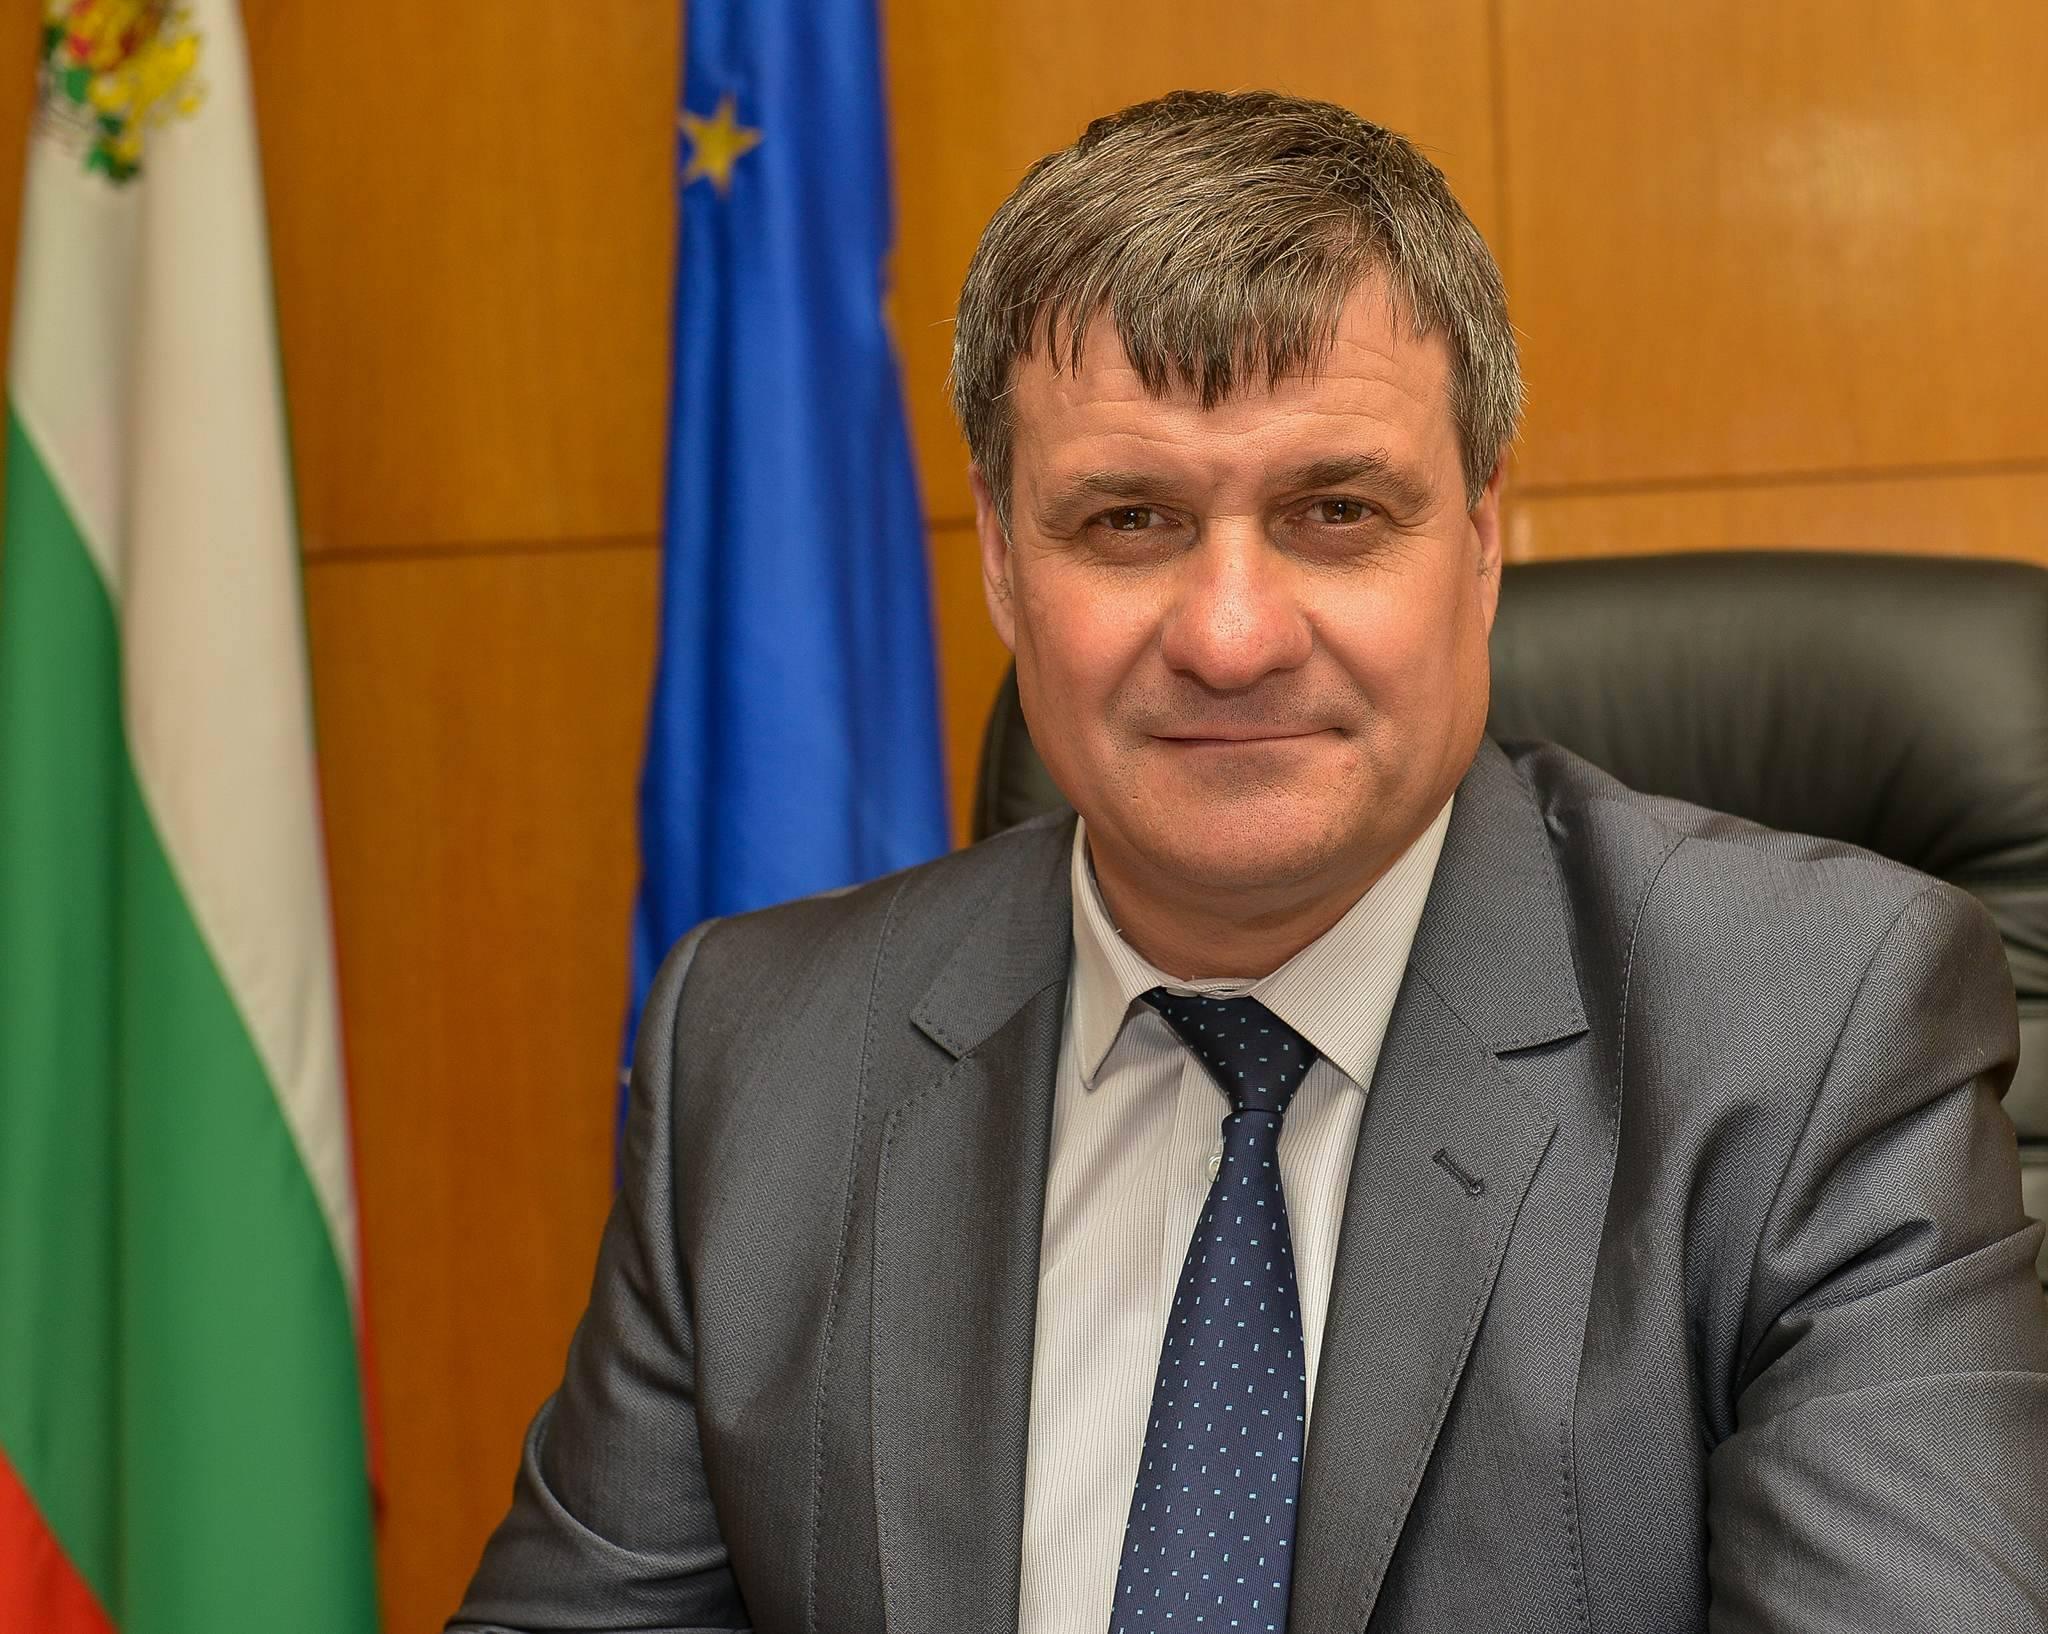 ПОЗДРАВИТЕЛЕН АДРЕС от кмета на Велинград г-н Коев